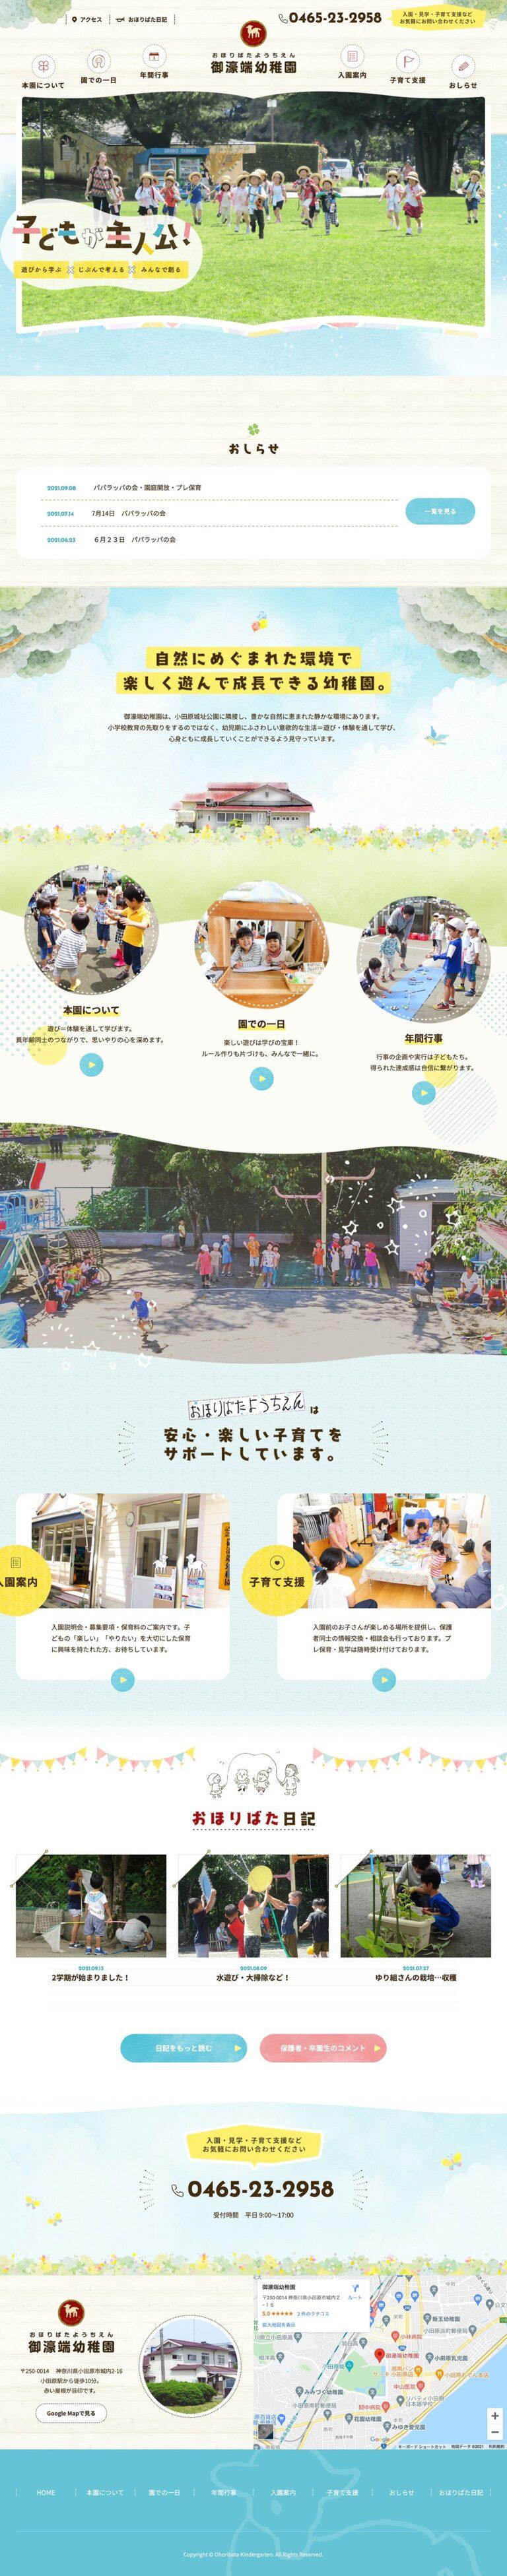 小田原市の幼稚園 | 御濠端幼稚園